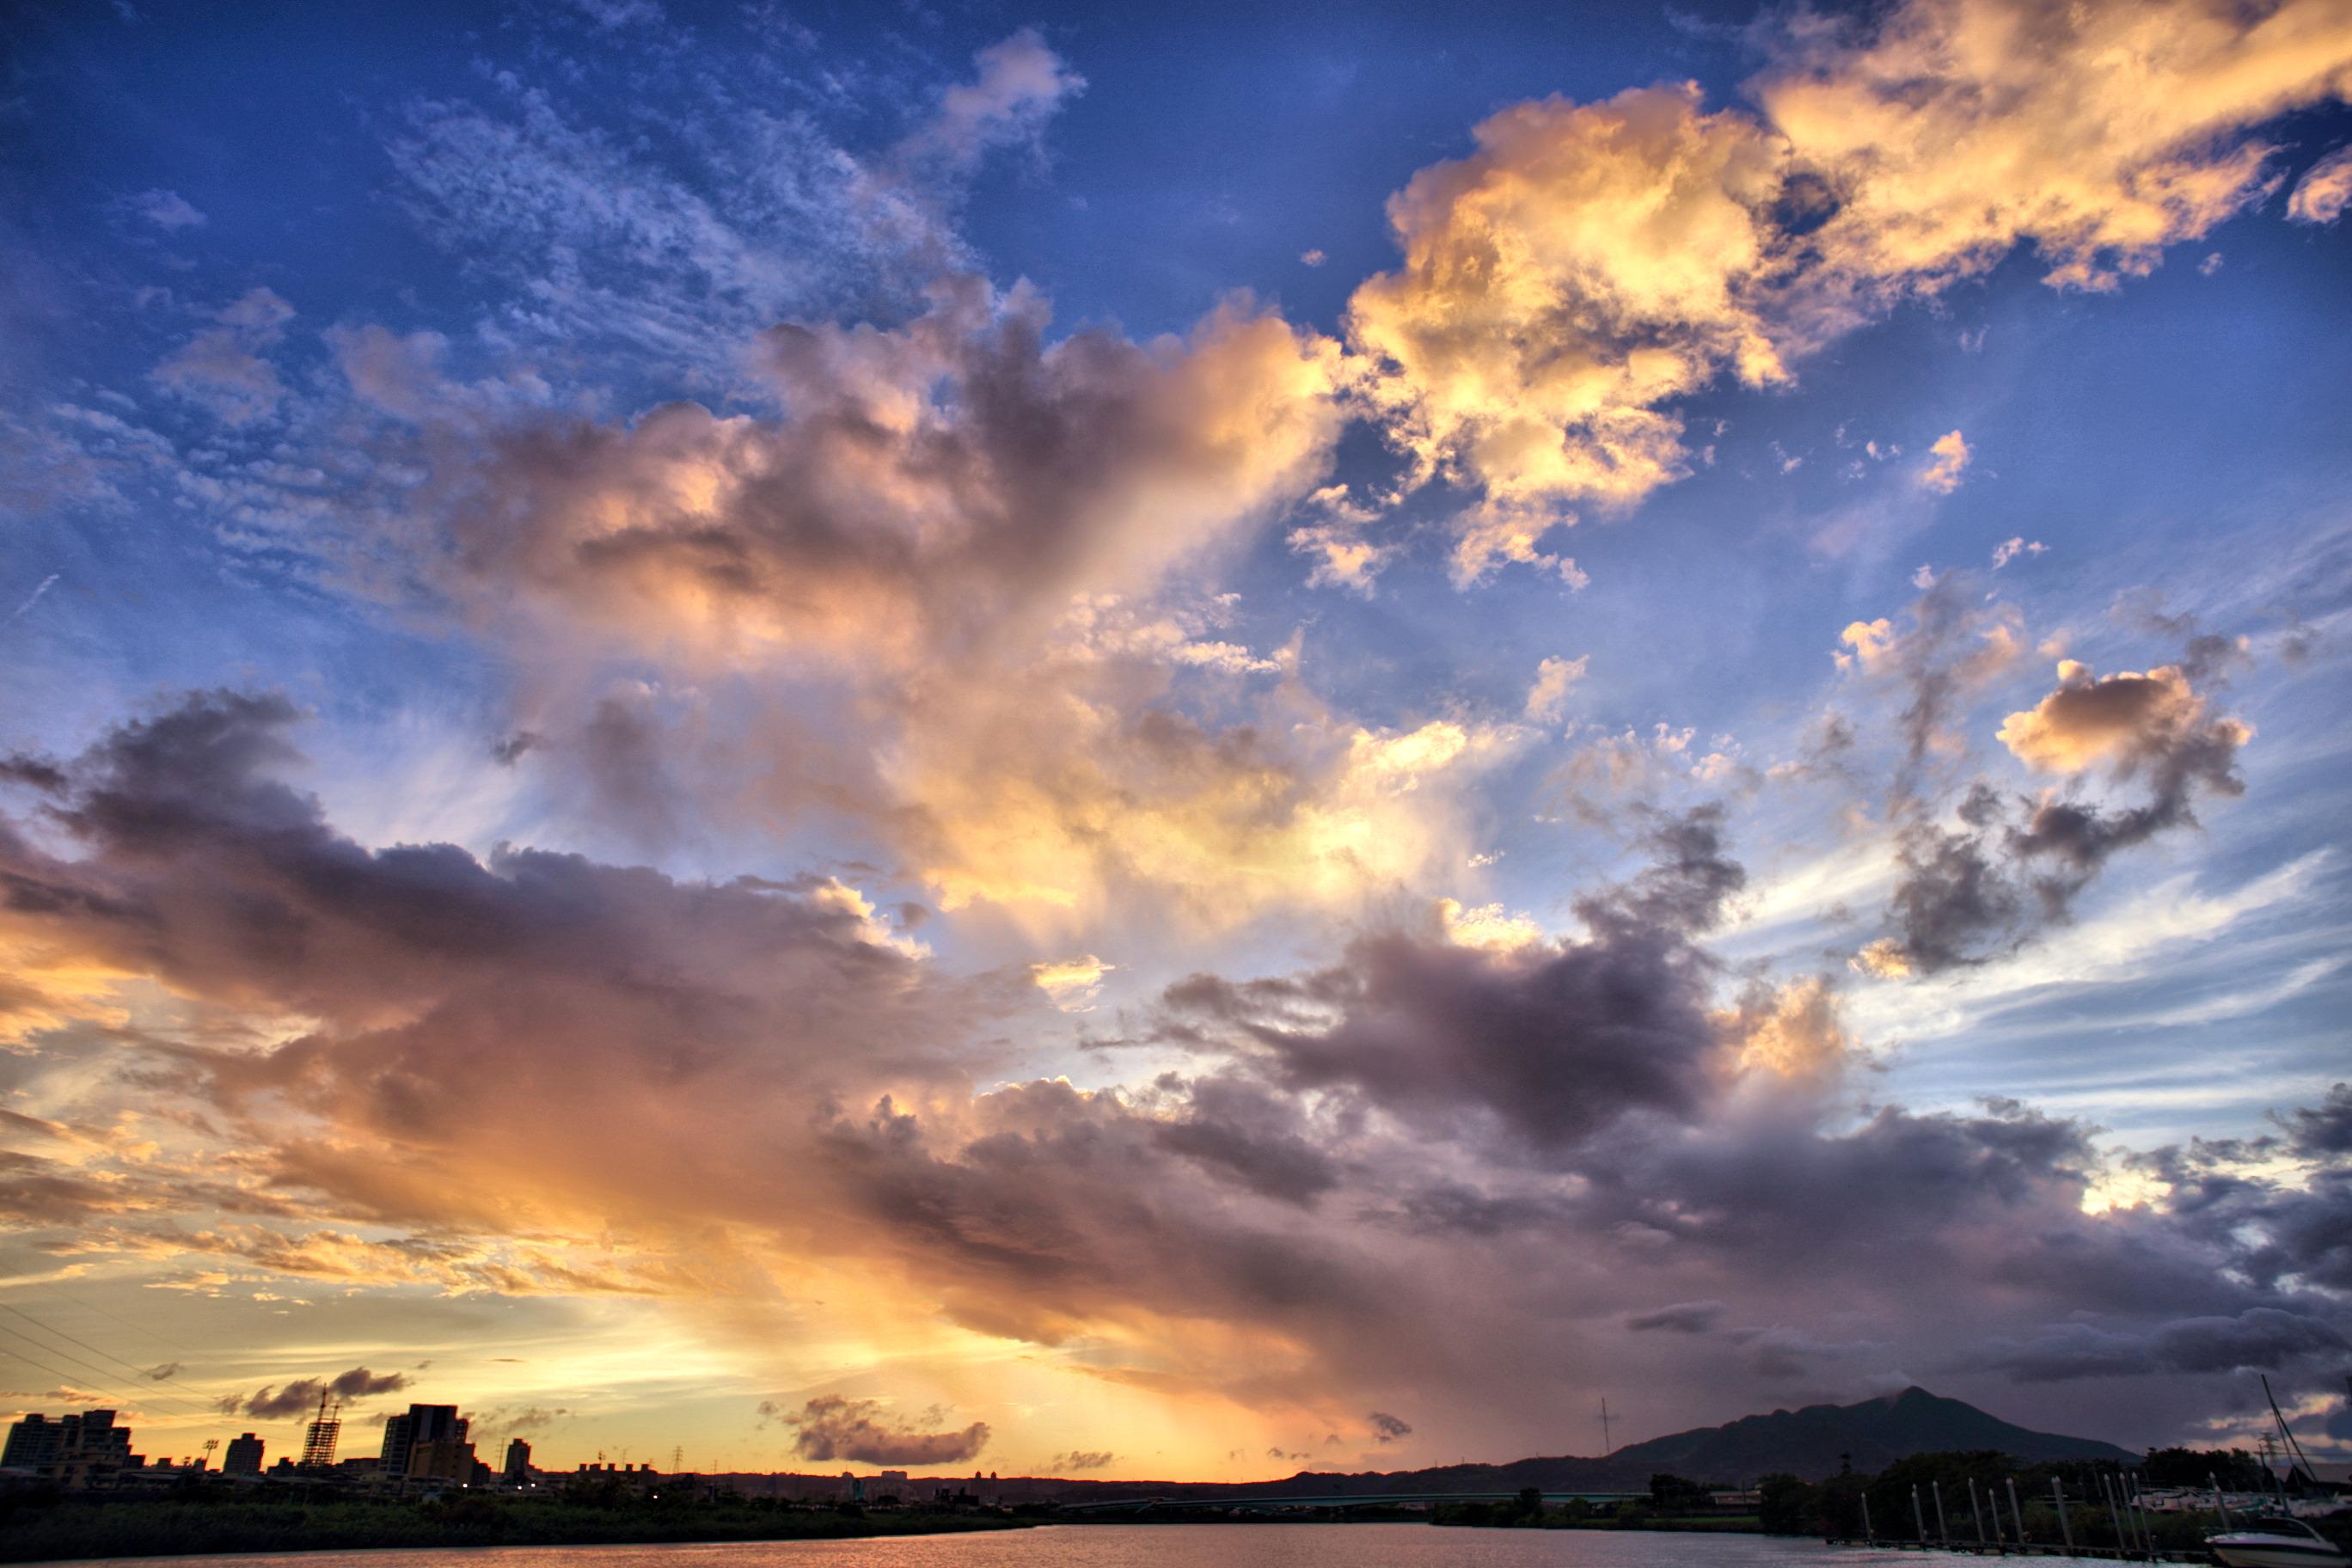 фото красивое облачное небо современном мире